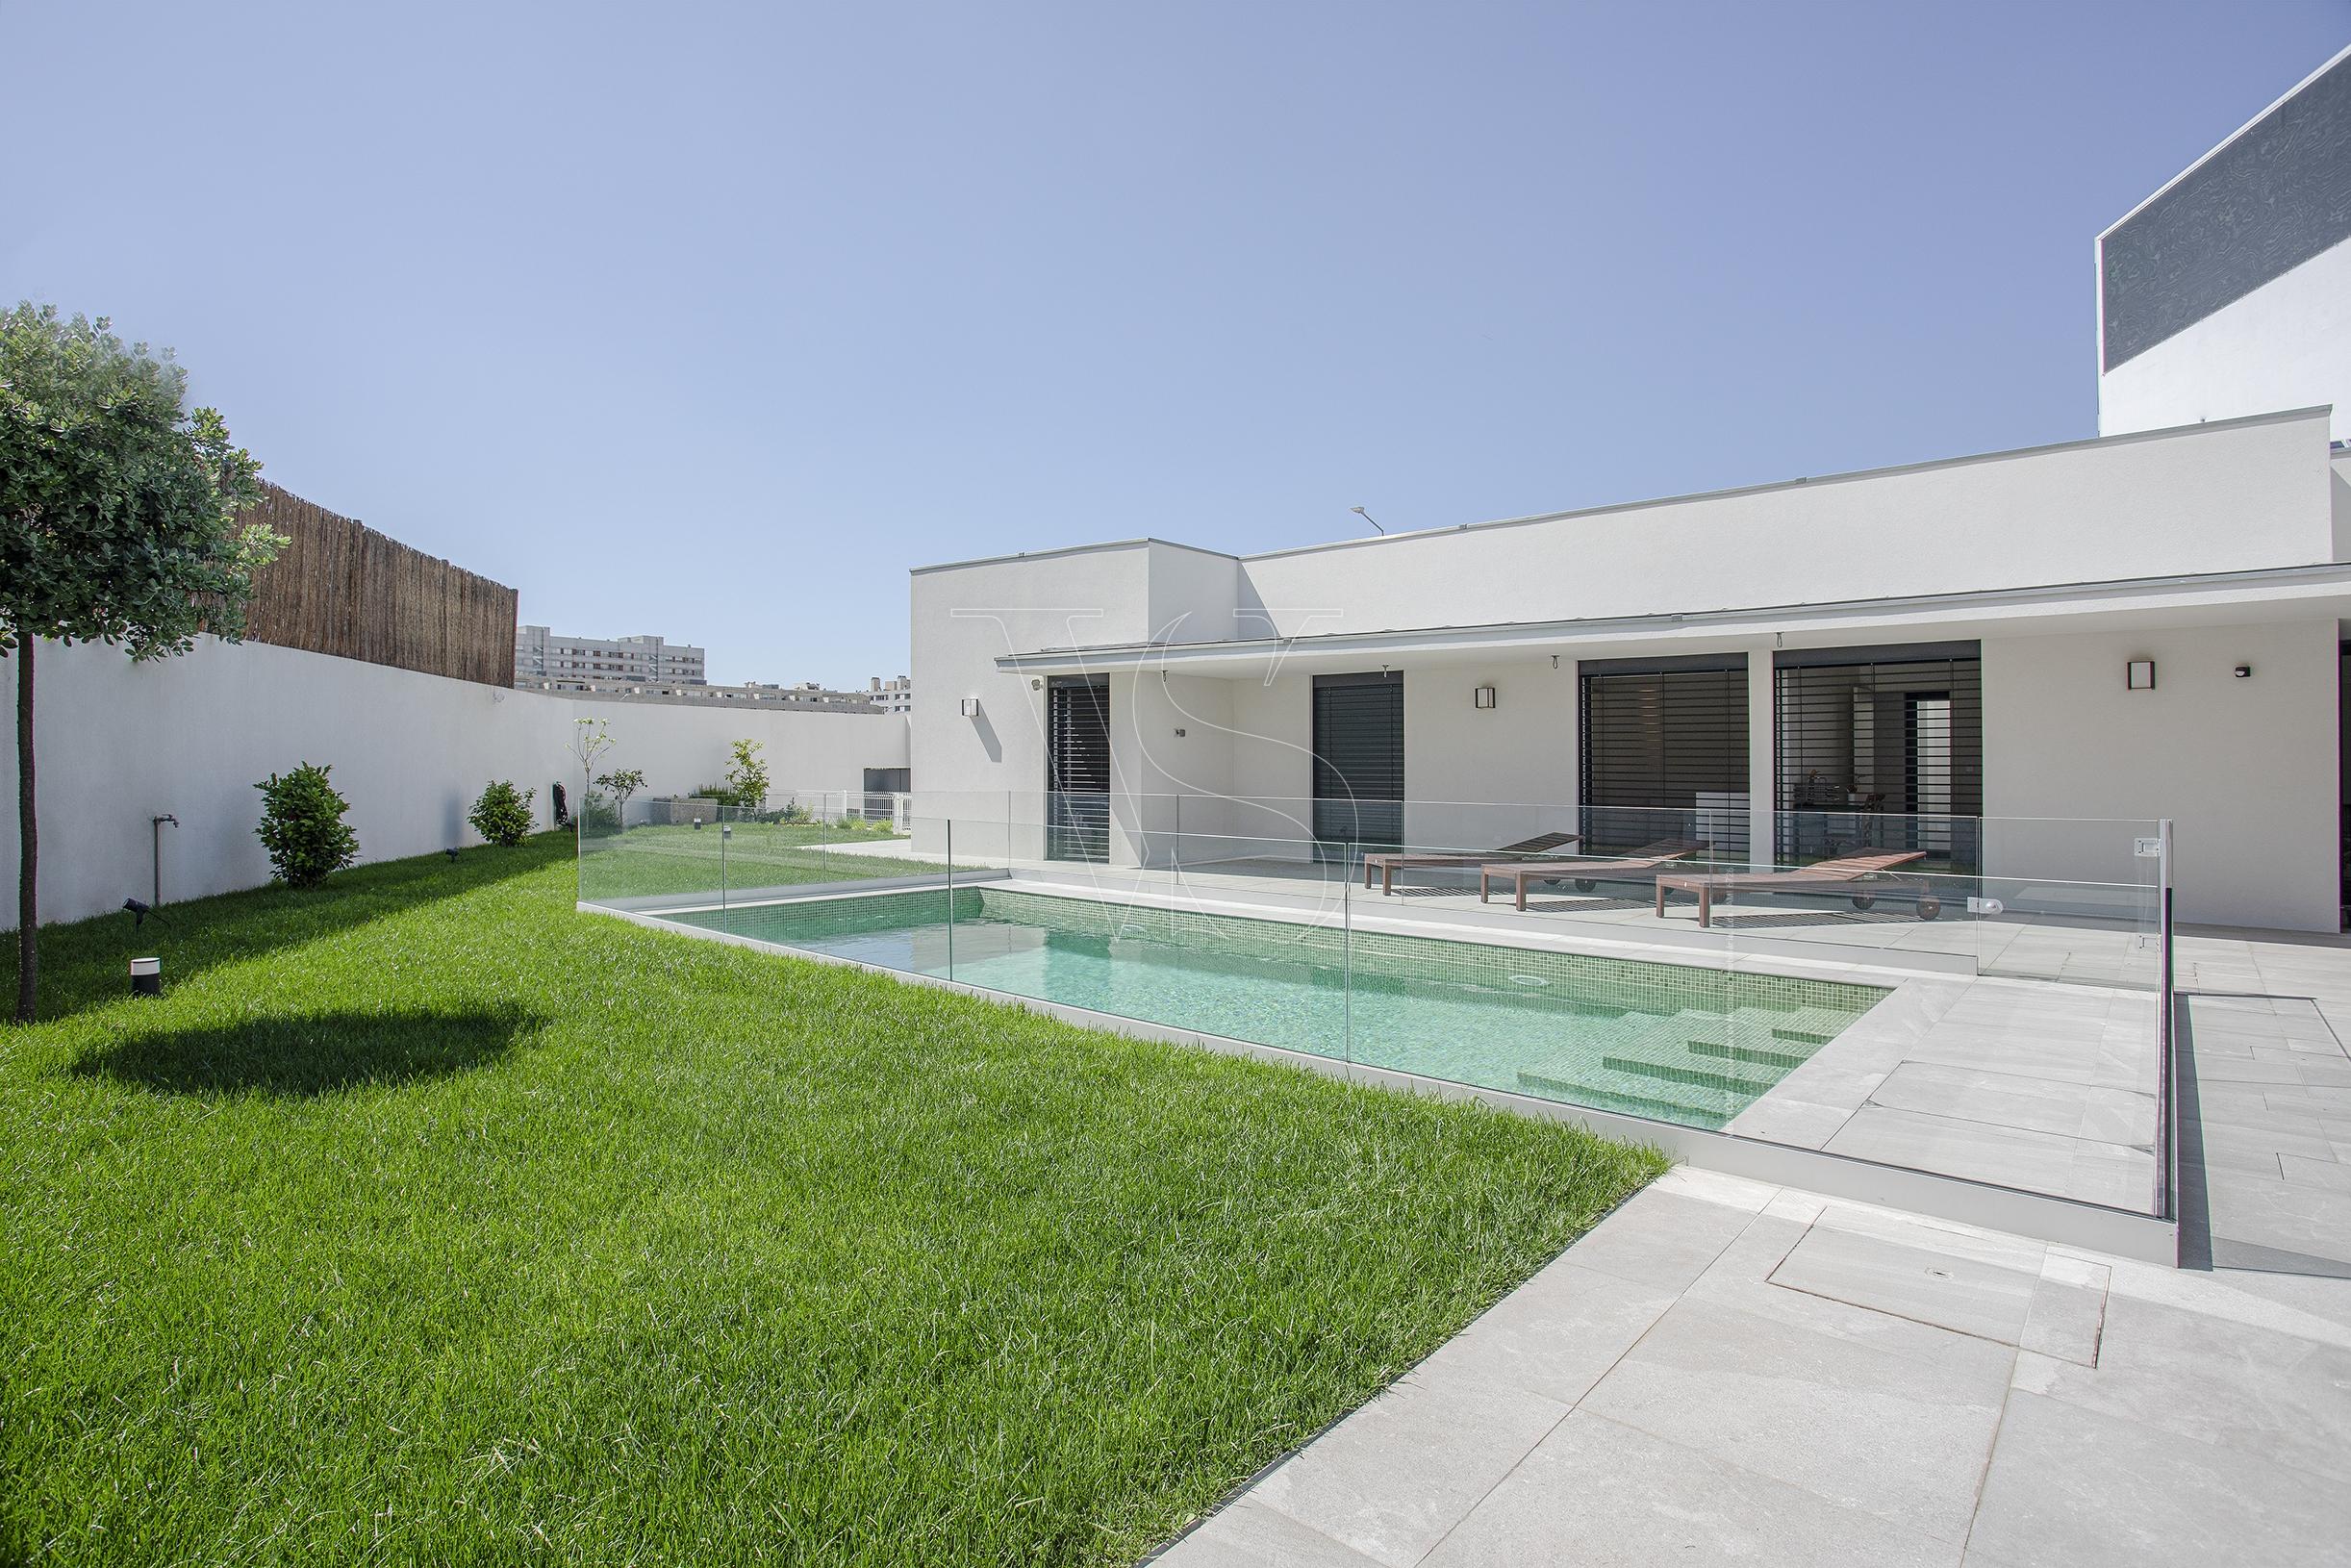 Moradia V6 Térrea, com Piscina, Jardim com 150 m2, + T2 - Matosinhos Sul